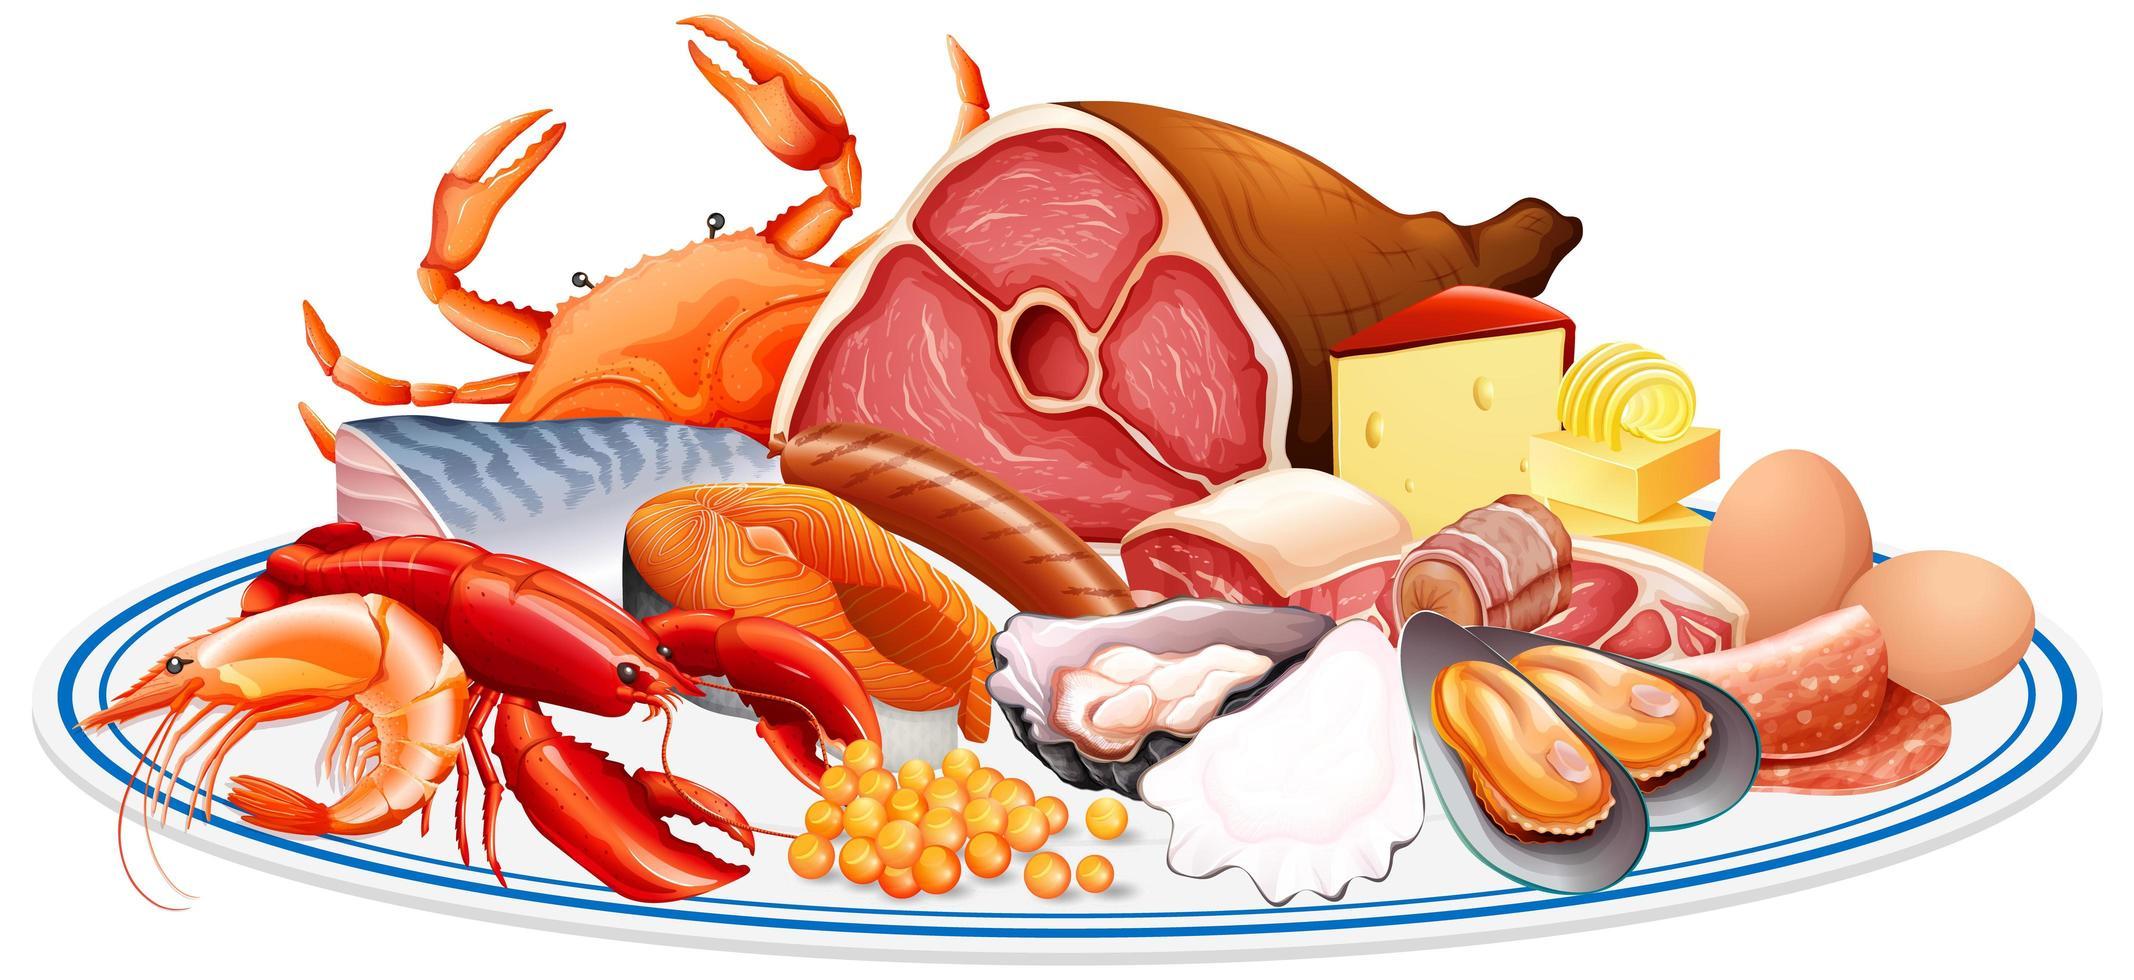 aliments frais ou groupes de protéines alimentaires tels que la viande de fruits de mer oeuf et noix dans un groupe isolé sur fond blanc vecteur